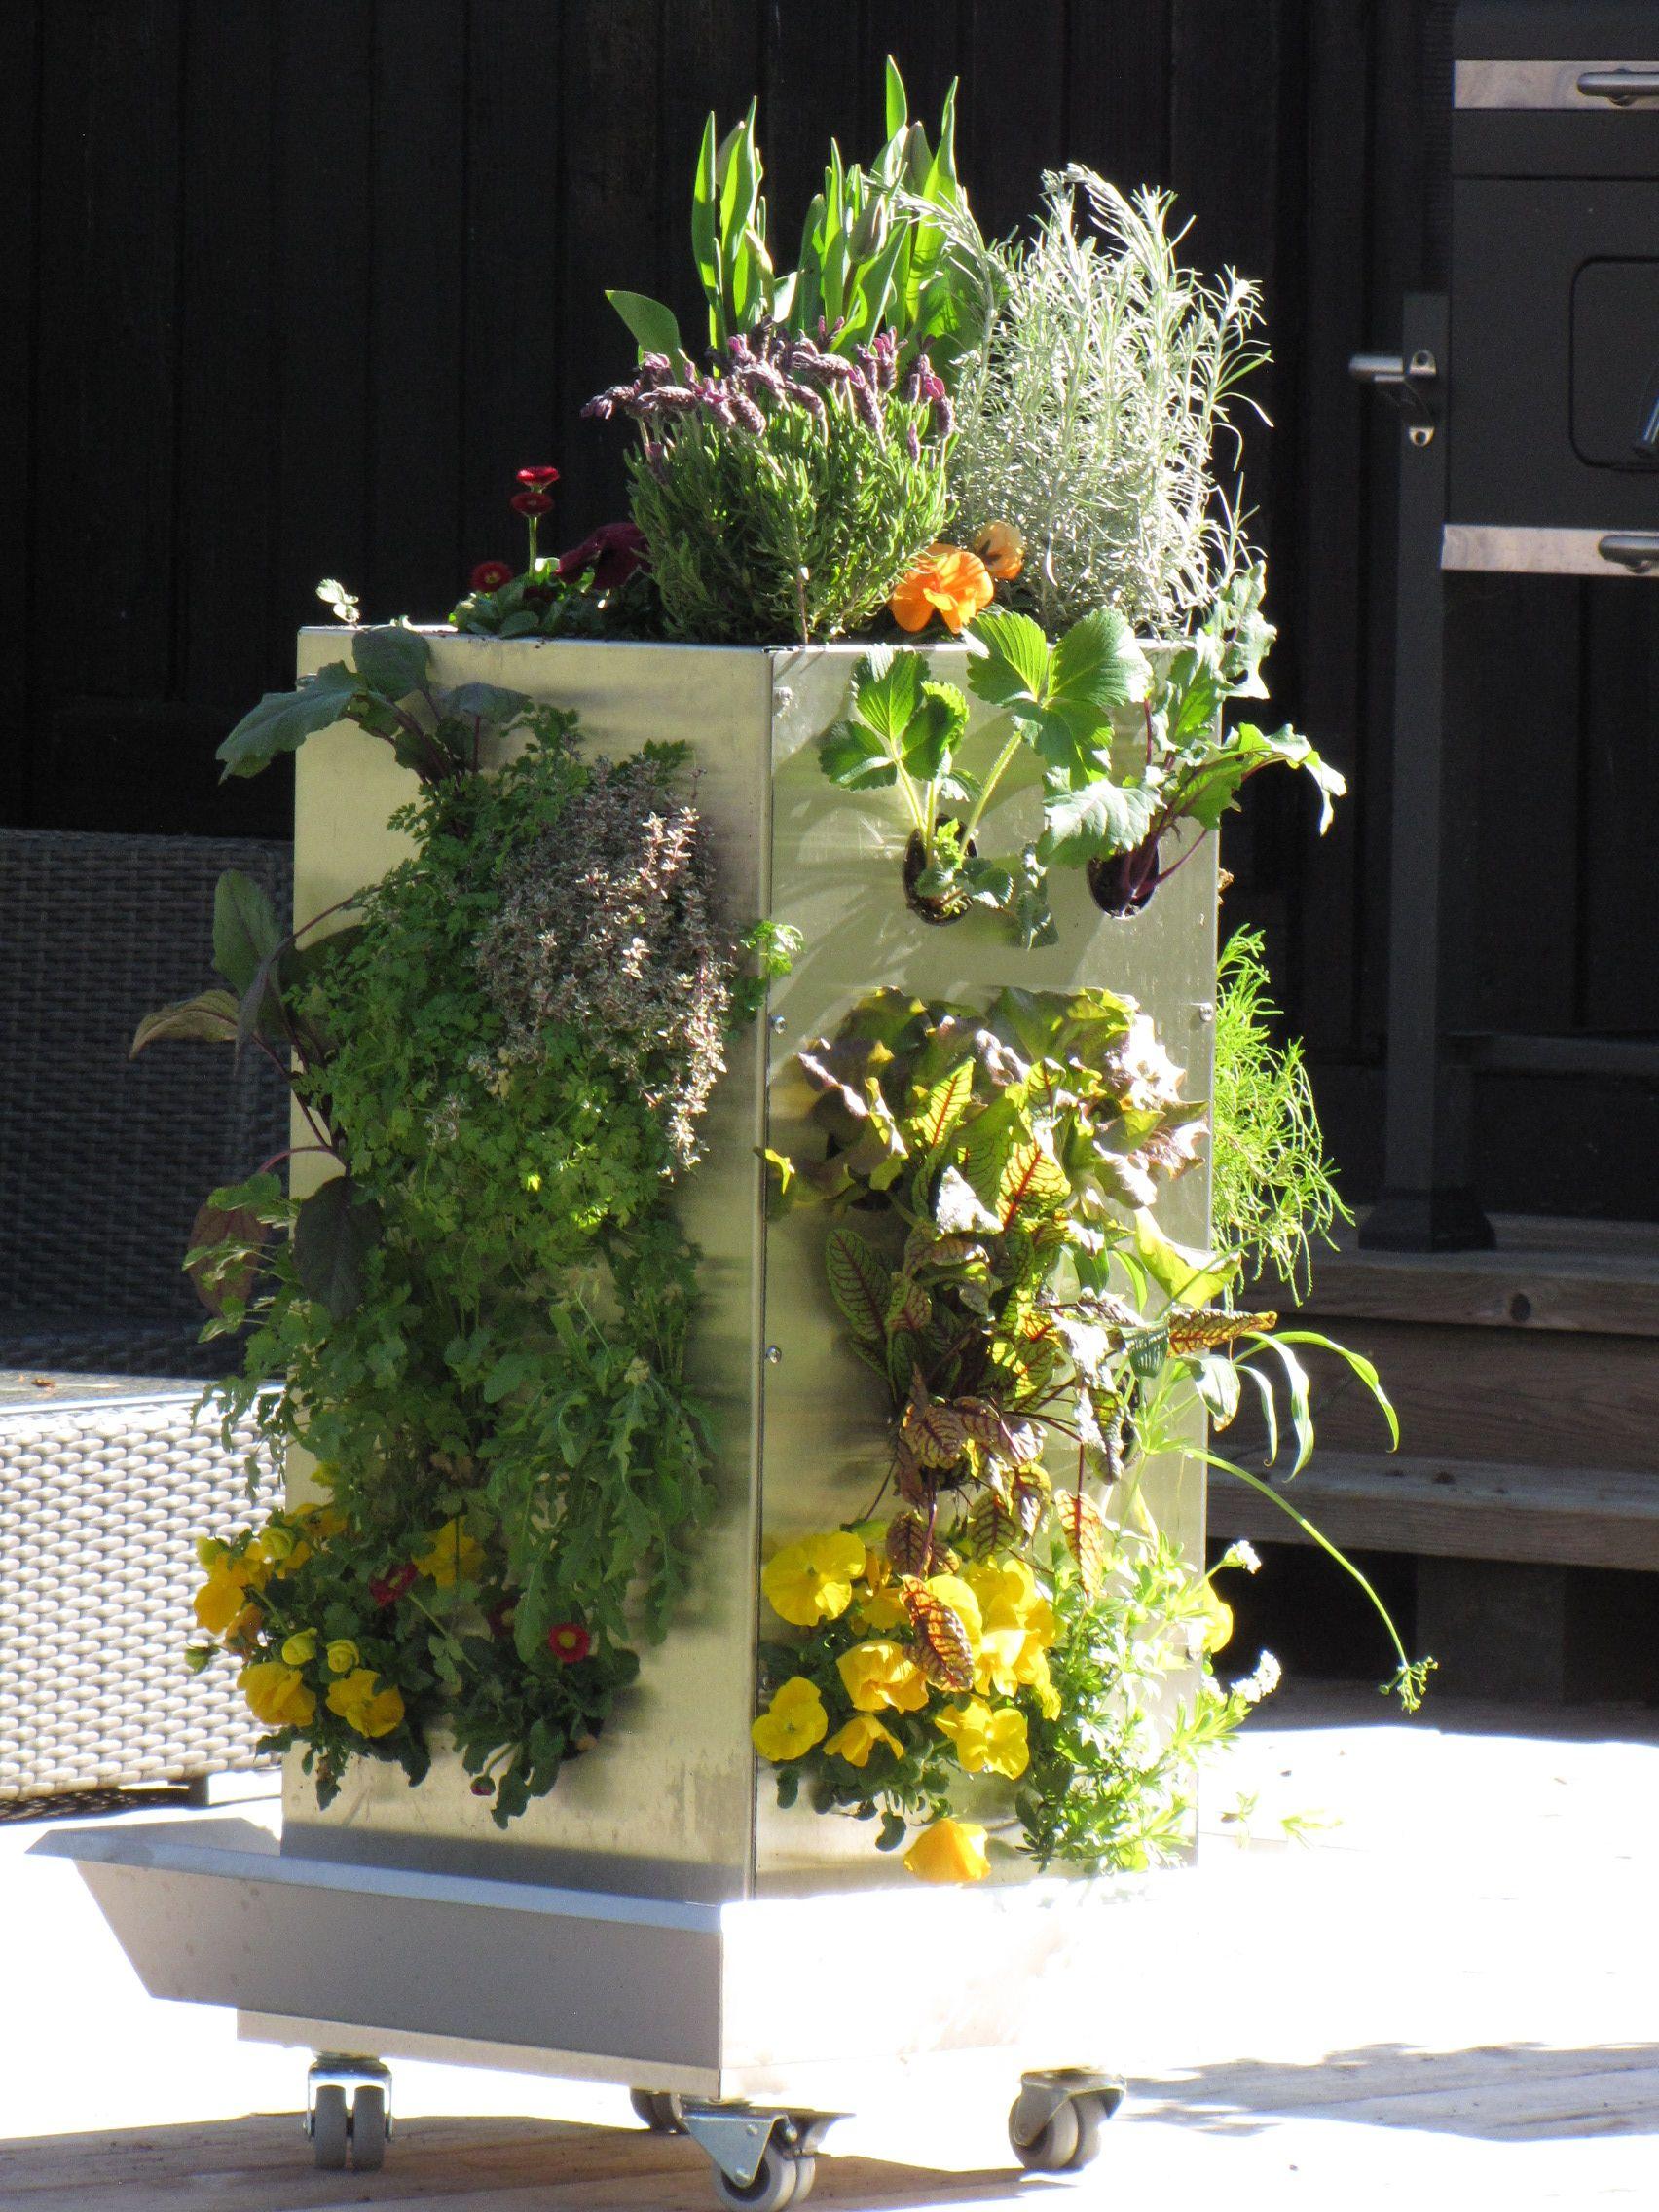 kubi ein ganzer garten auf 1m mit platz f r bis zu 50 pflanzen mit internem komposter der. Black Bedroom Furniture Sets. Home Design Ideas